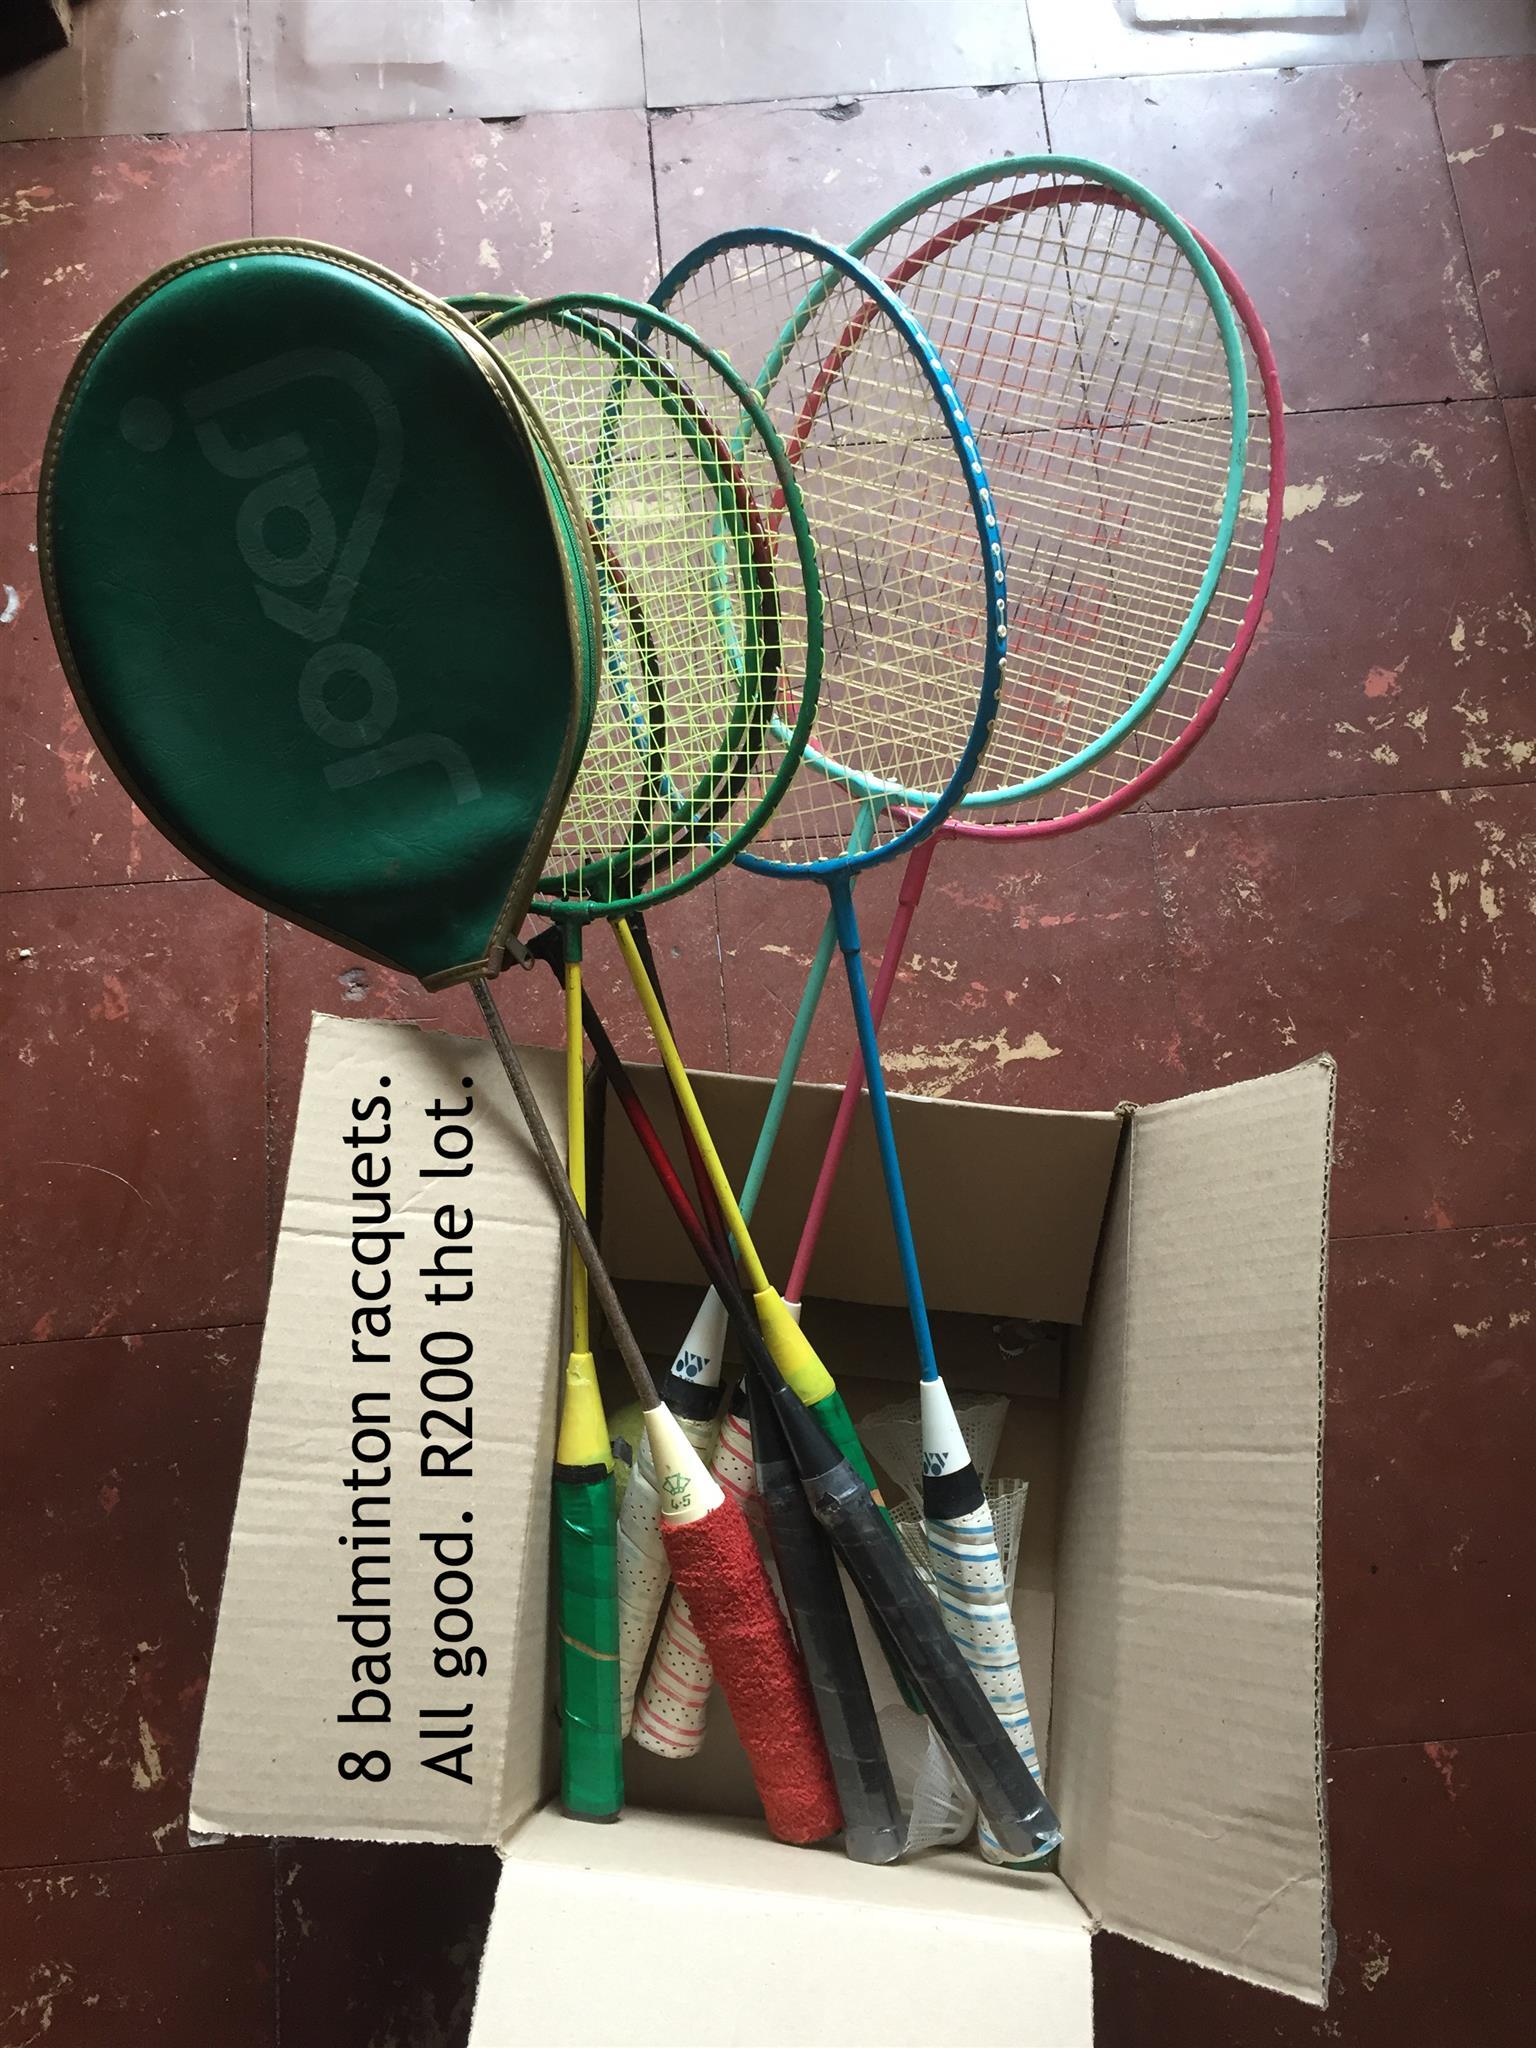 Badminton racquets x8